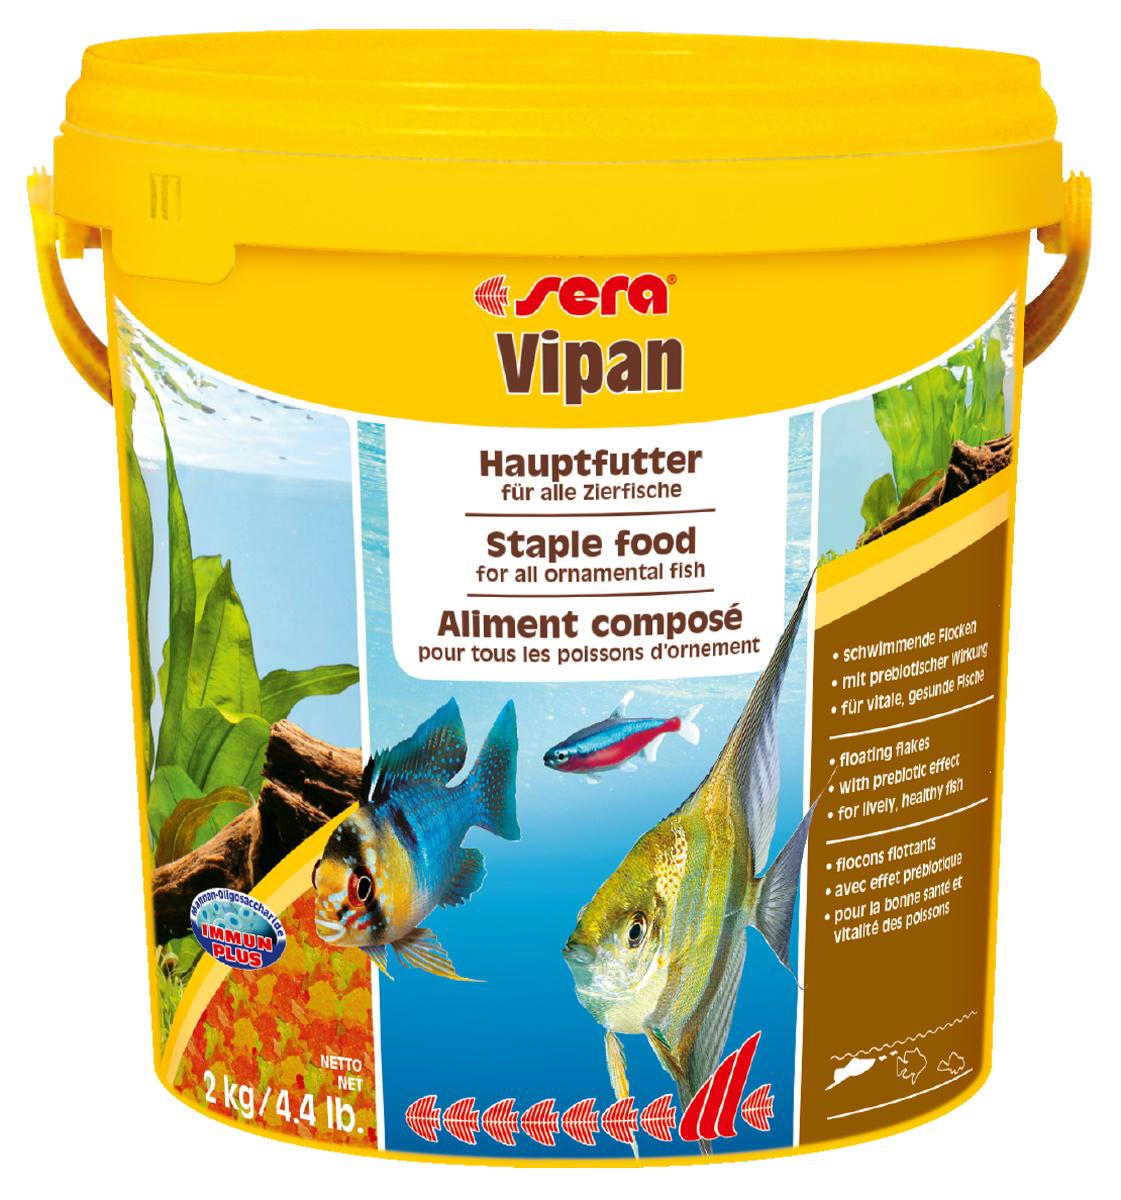 Корм для рыб Sera Vipan, крупные хлопья, 10 л (2 кг)0191Корм для рыб Sera Vipan - хорошо сбалансированный основной корм в виде крупных хлопьев, содержащий более 40 ингредиентов. Идеально подходит для ежедневного кормления всех декоративных рыб в общих аквариумах. Сбалансированный состав удовлетворяет потребности множества видов. Бережная обработка гарантирует сохранение ценных ингредиентов (например, жирных кислот Омега, витаминов и минералов). Белки и другие питательные вещества делают этот корм высокопитательным и легко перевариваемым рыбами. Формула Vital-Immun-Protect гарантирует вашим рыбам прекрасное здоровье, укрепление иммунитета и обилие жизненных сил. Специальный метод приготовления позволяет хлопьям сохранять свою форму в течение длительного времени, не загрязняя воду. Хлопья в то же время очень нежны и поэтому охотно поедаются рыбой. Ингредиенты: рыбная мука, пшеничная мука, пивные дрожжи, казеинат кальция, гаммарус, яичный порошок, рыбий жир, маннанолигосахарид (MOS 0,4%), спирулина, травы, люцерна, крапива,...